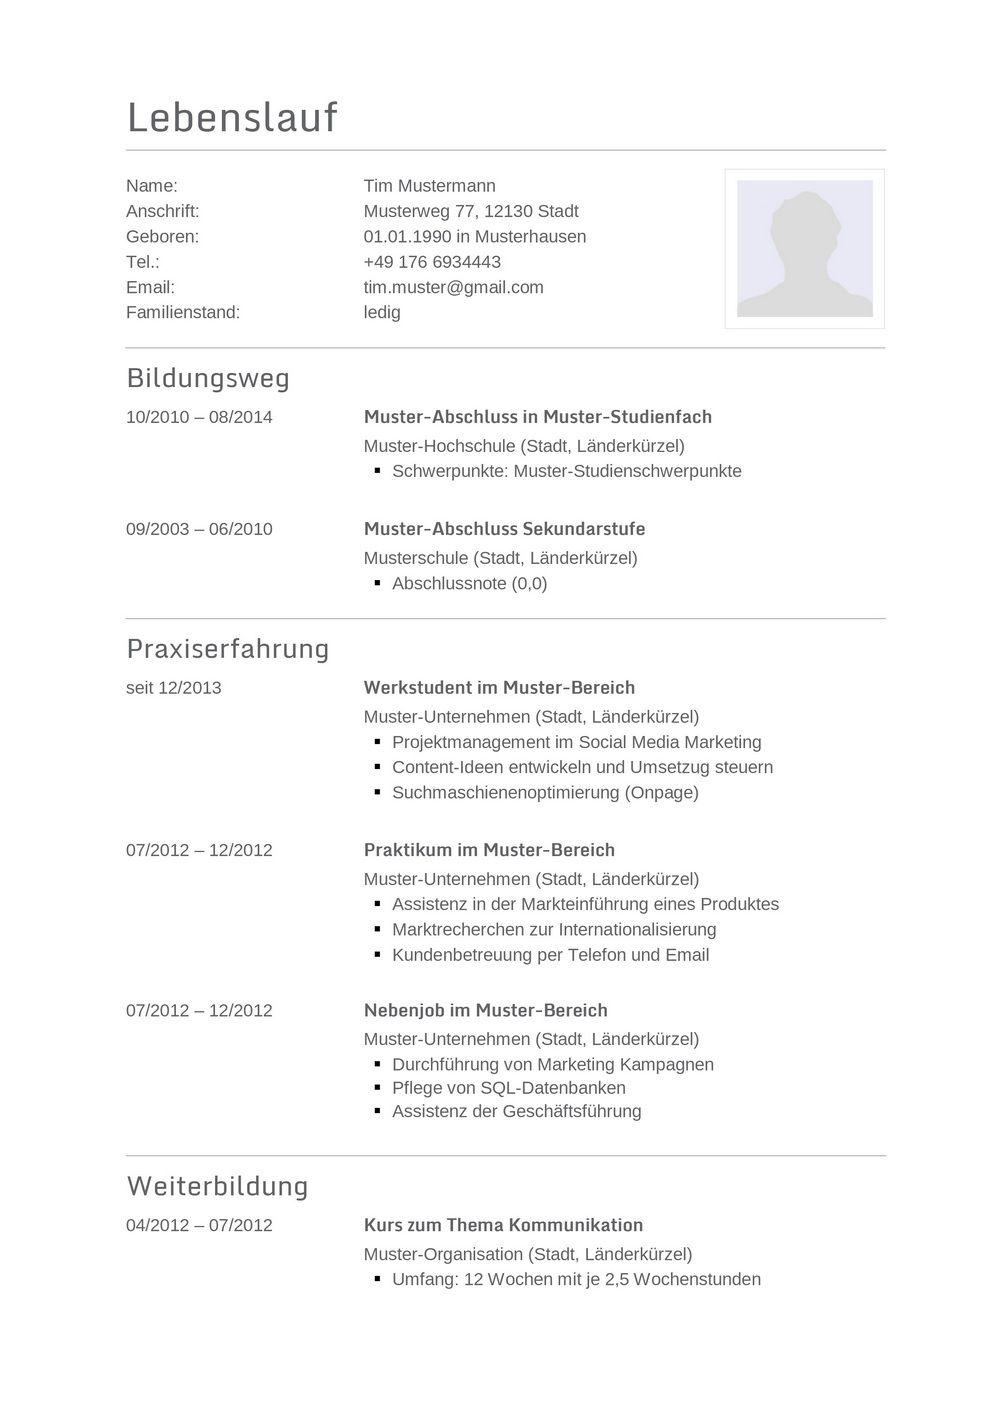 Lebenslauf Muster für Programmierer | Lebenslauf Designs